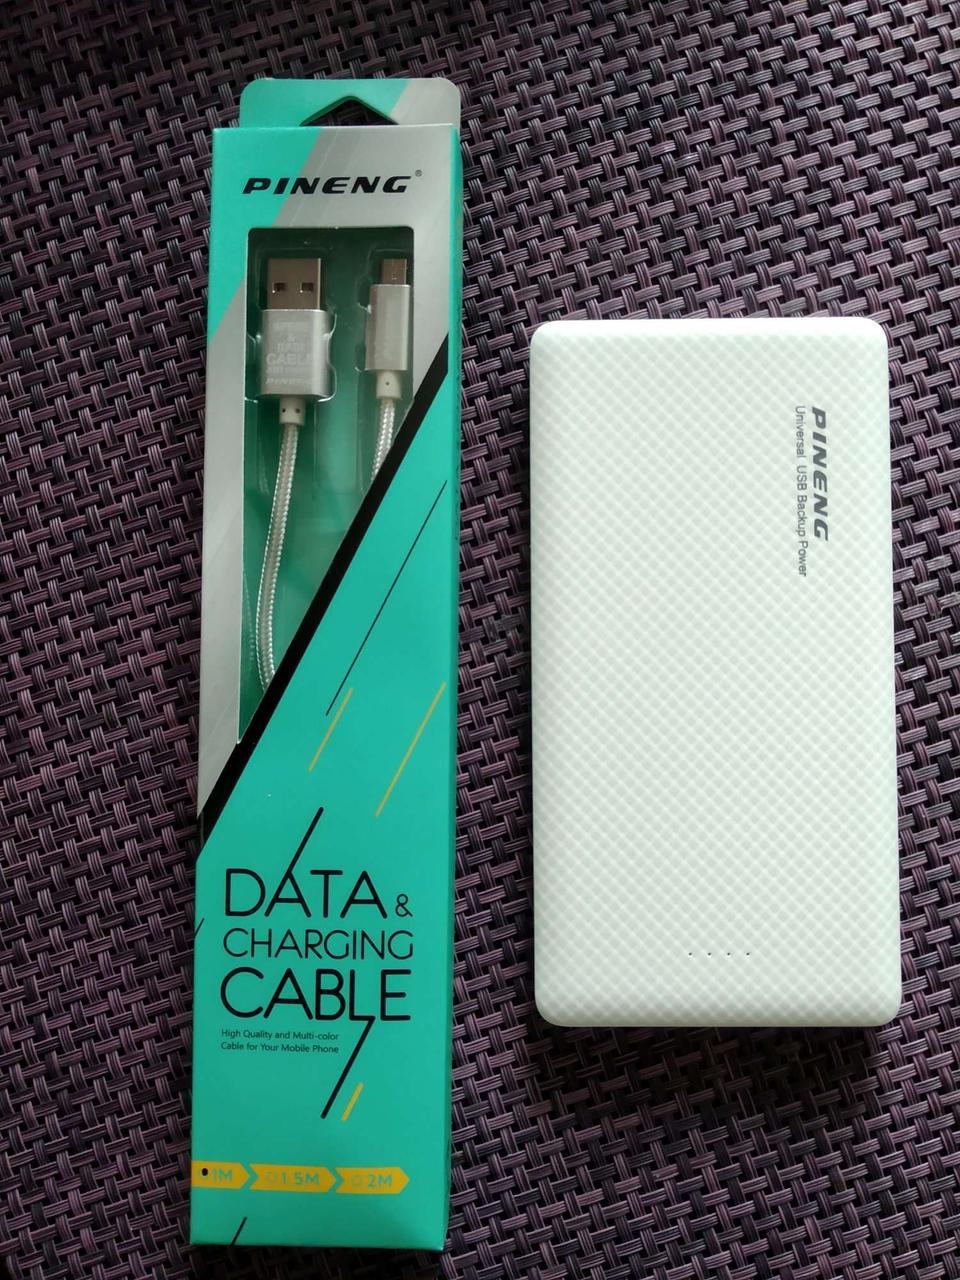 Портативный аккумулятор Pineng PN-958 10000mAh Powerbank OriginalБелый + Кабель Акция!